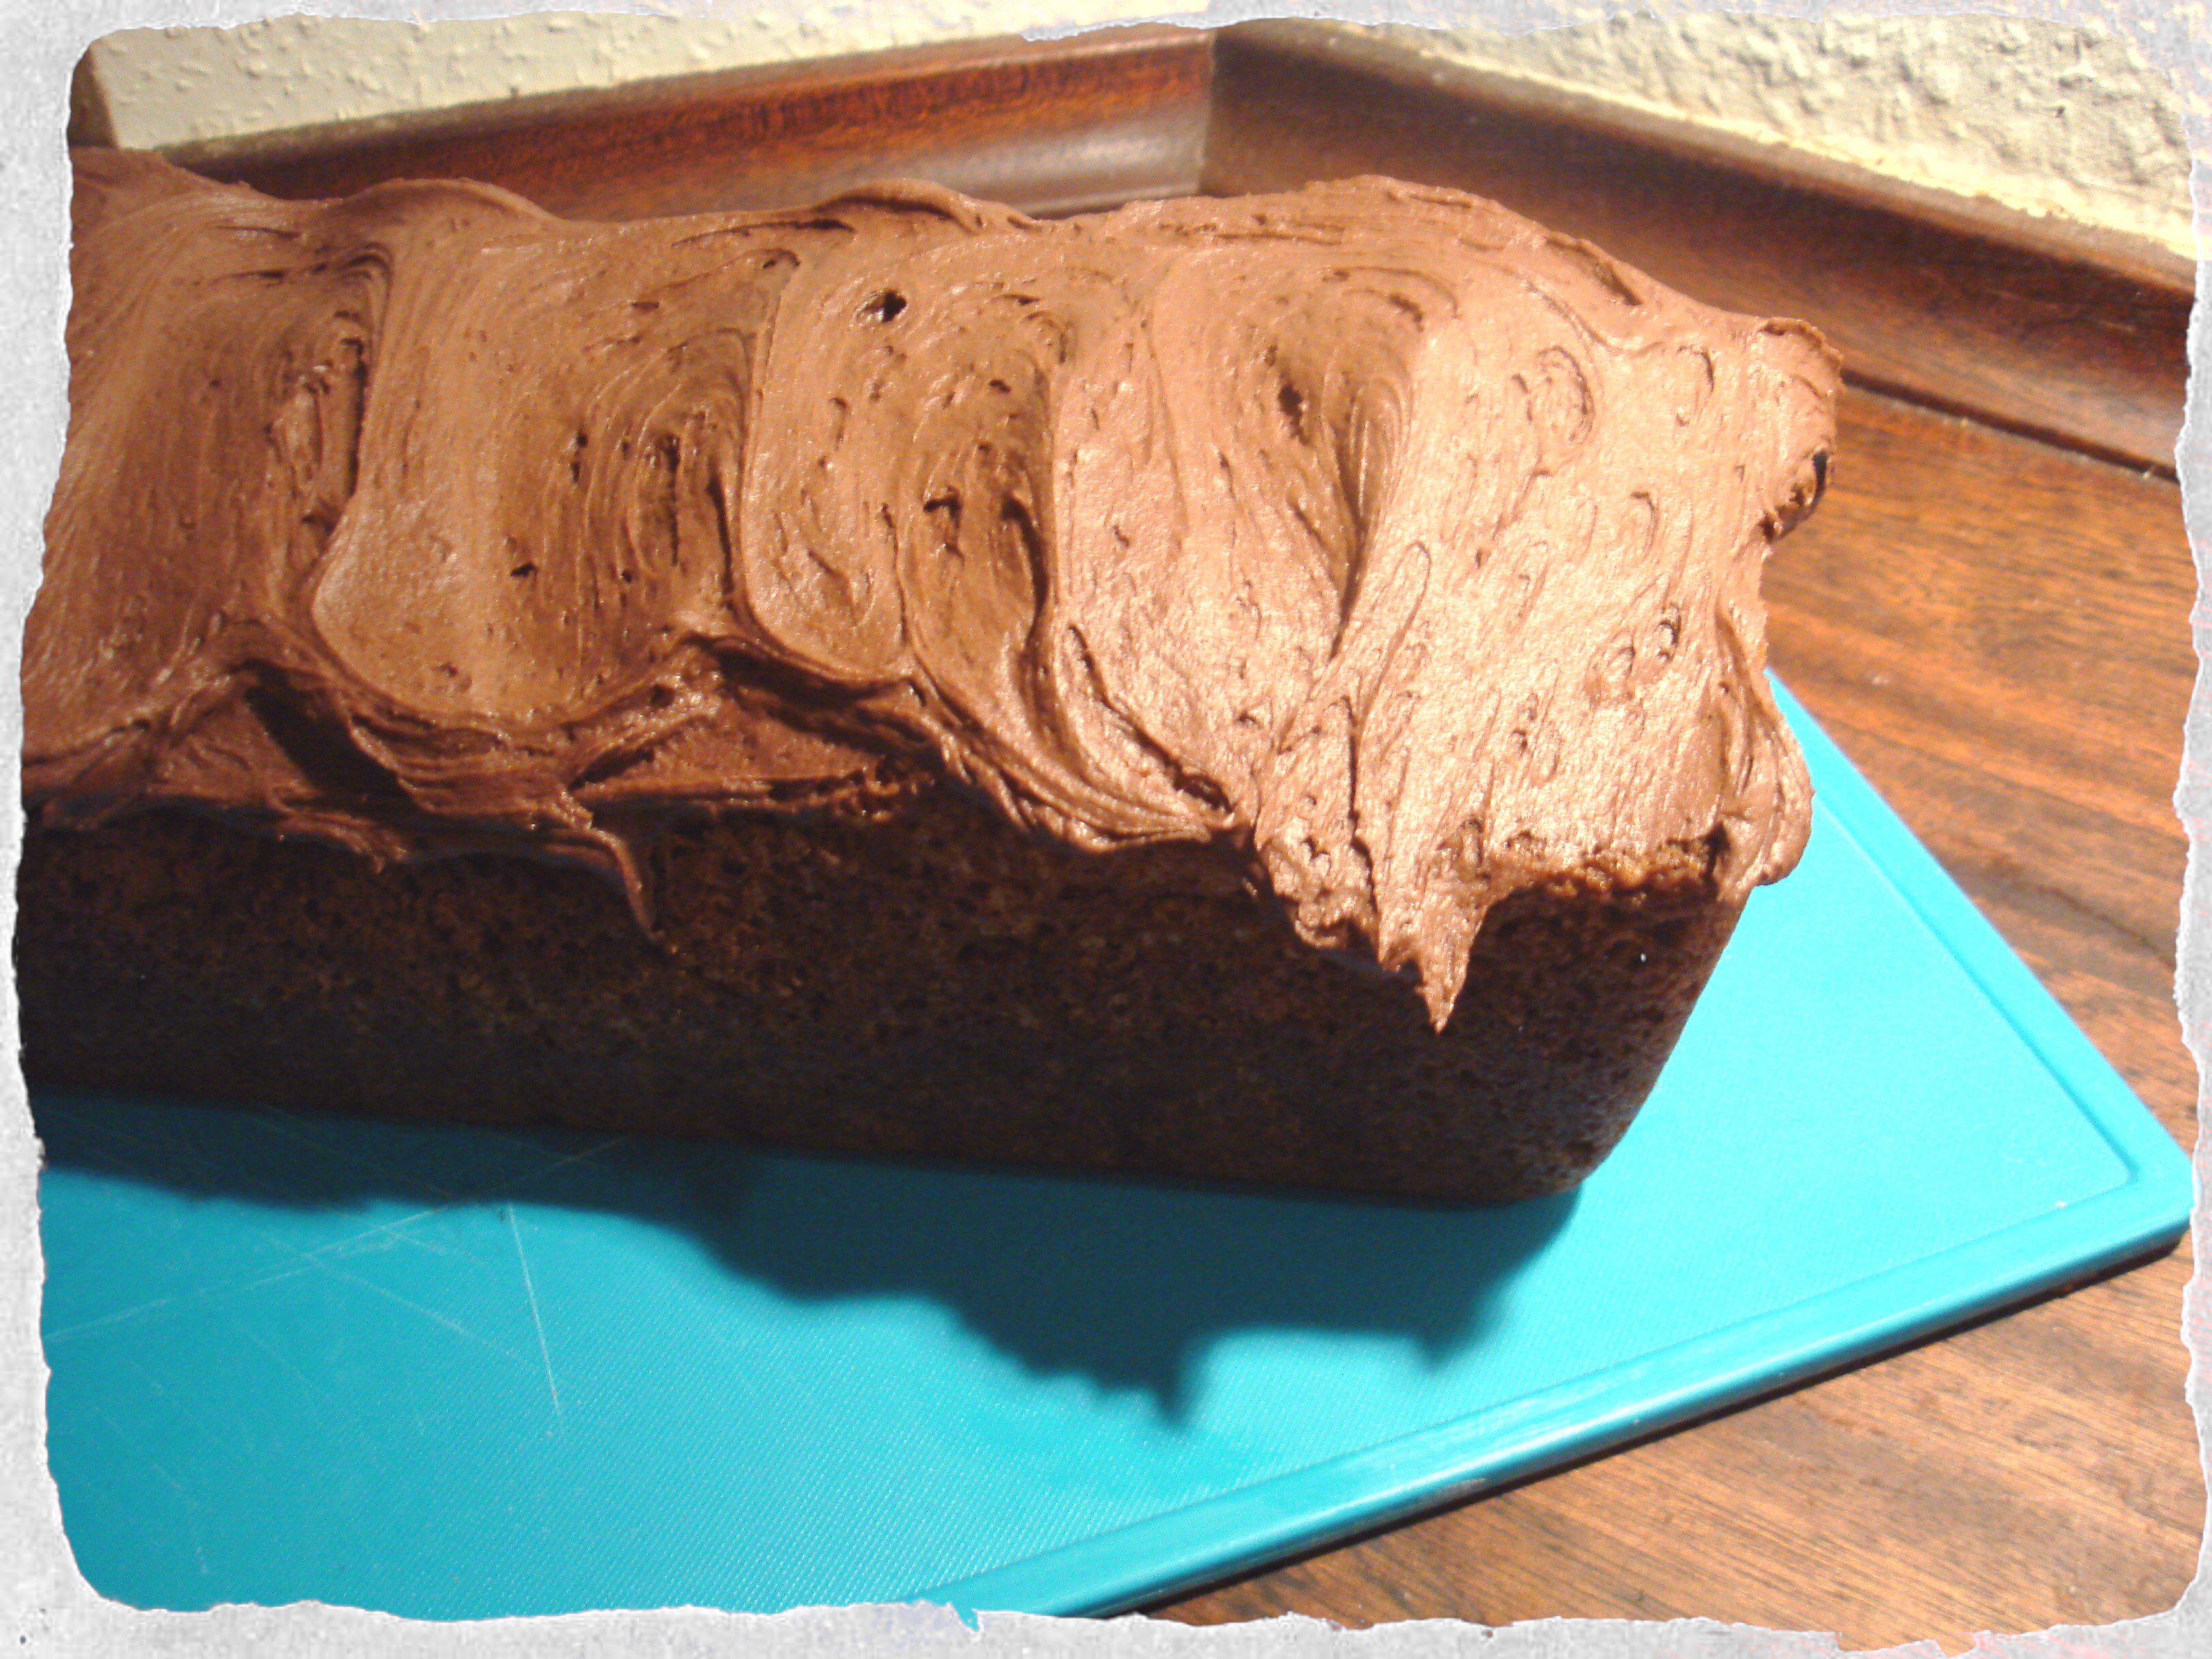 Hummingbird bakery banana loaf recipe